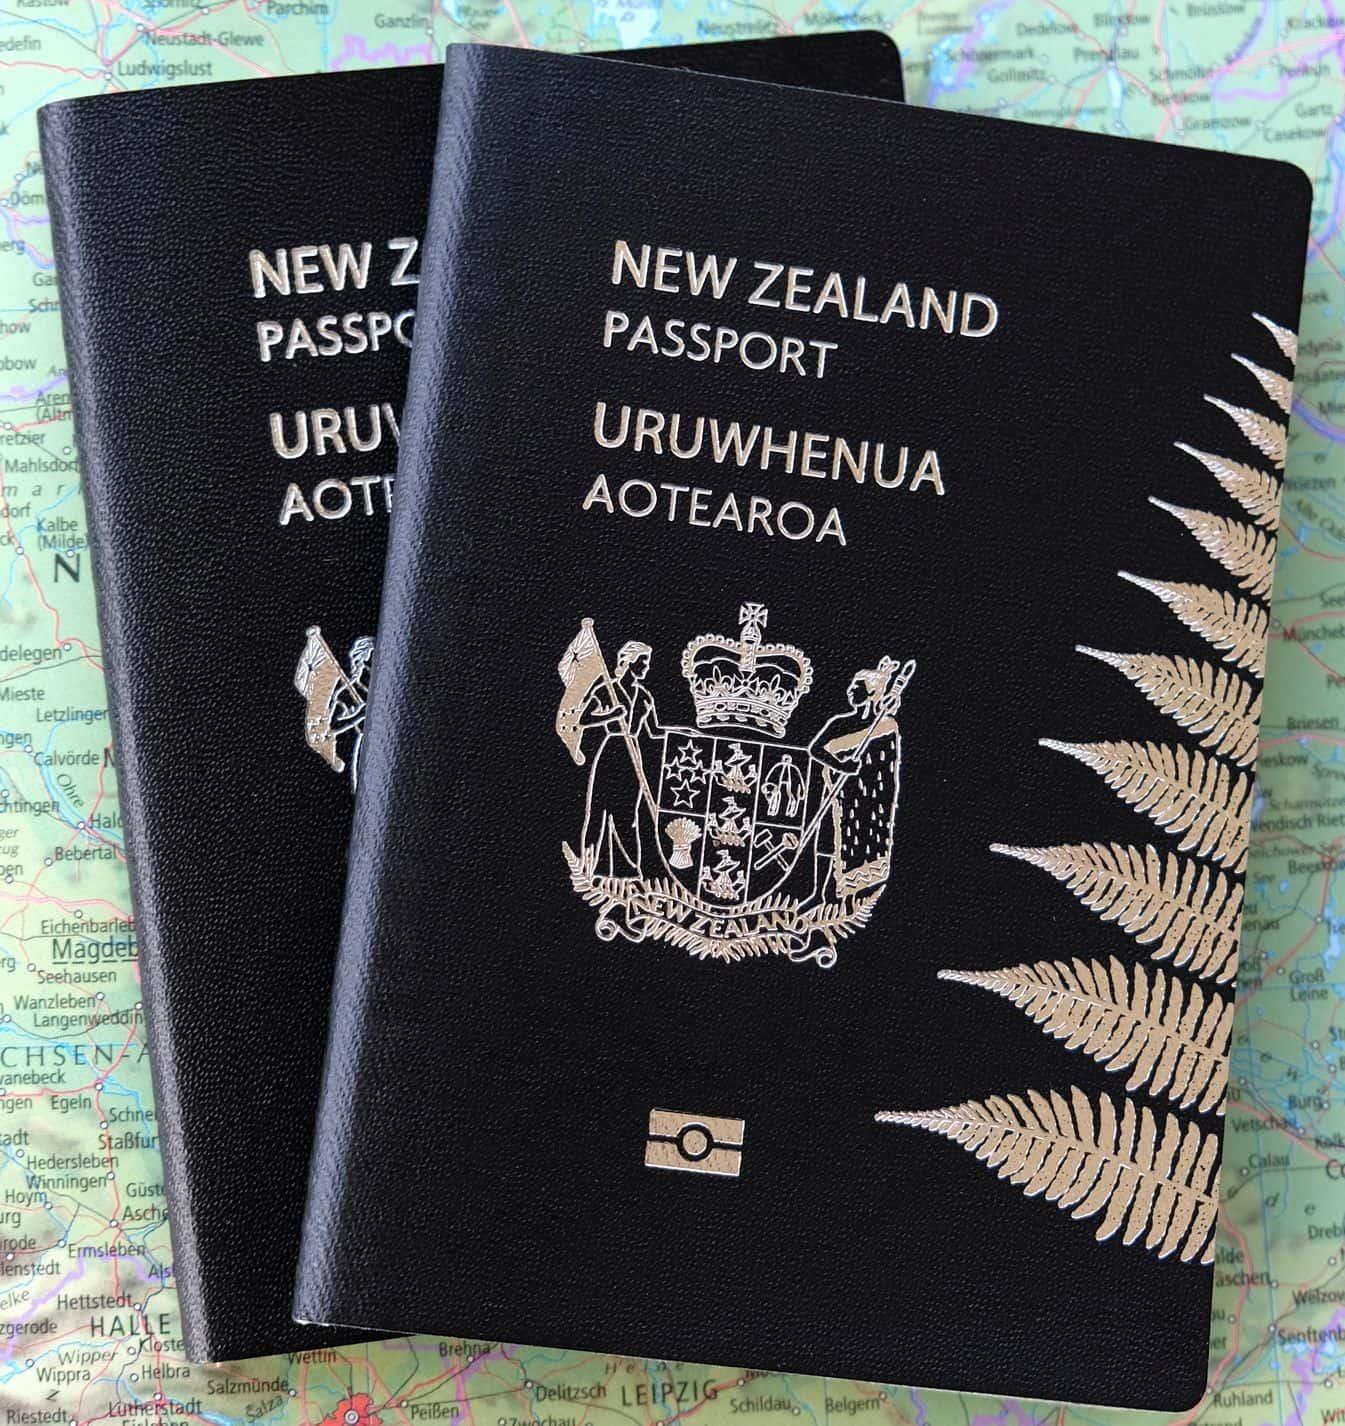 Auswandern Neuseeland - Auswandern nach Neuseeland - Hier können Sie vielseitige Informationen zum Auswandern nach Neuseeland finden. Kostenfreie Beratung zum Auswandern nach Neuseeland